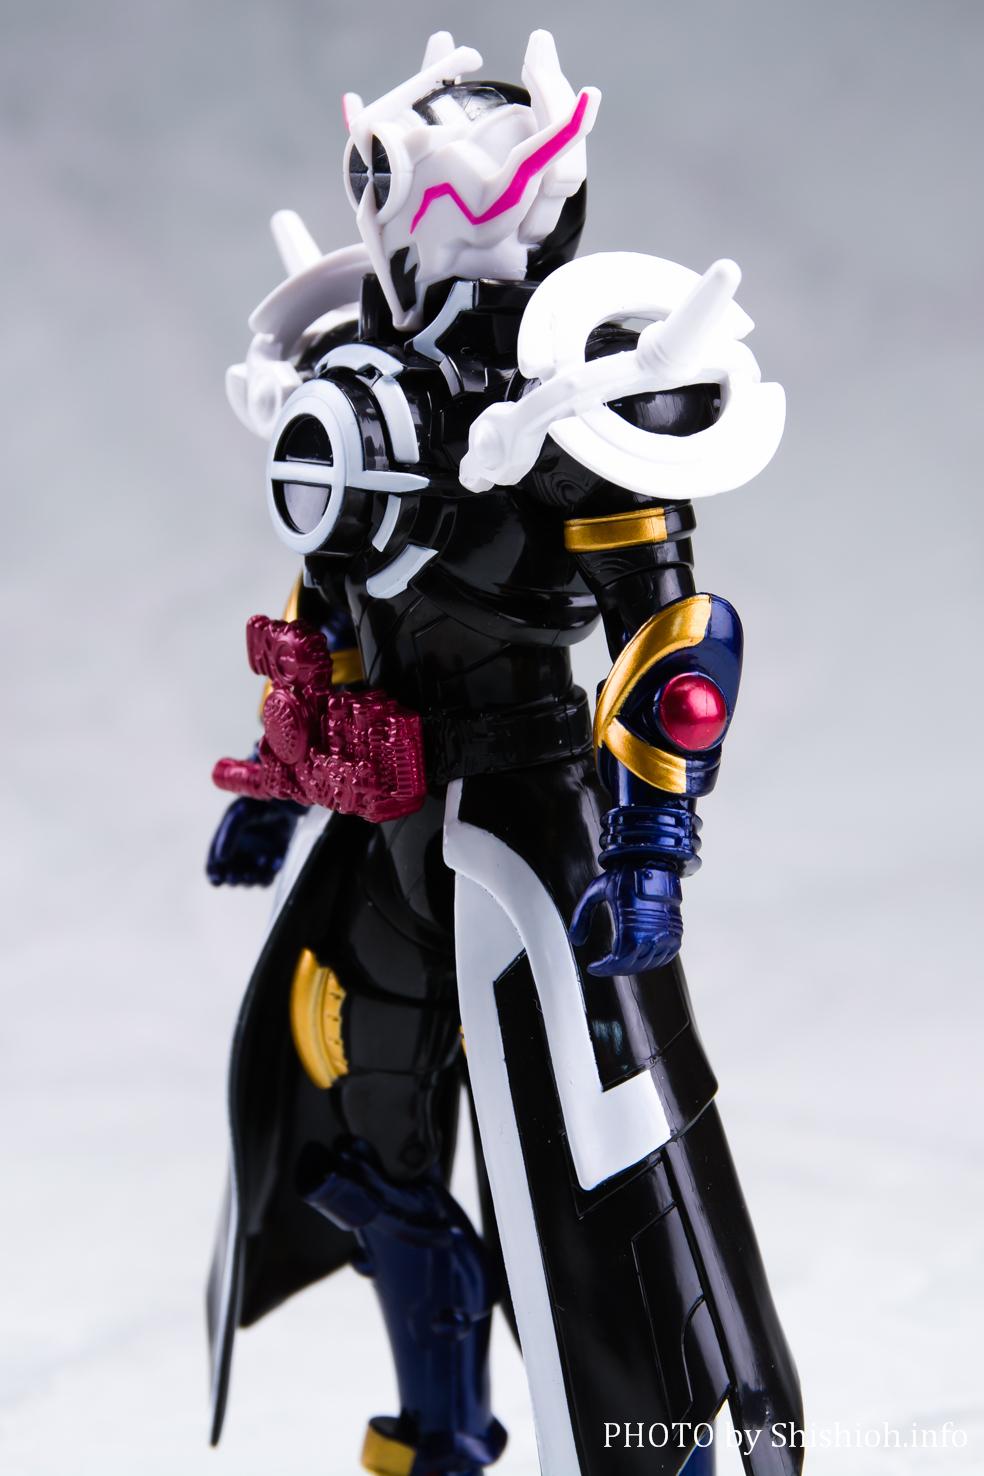 RKF レジェンドライダーシリーズ 仮面ライダーエボル ブラックホールフォーム